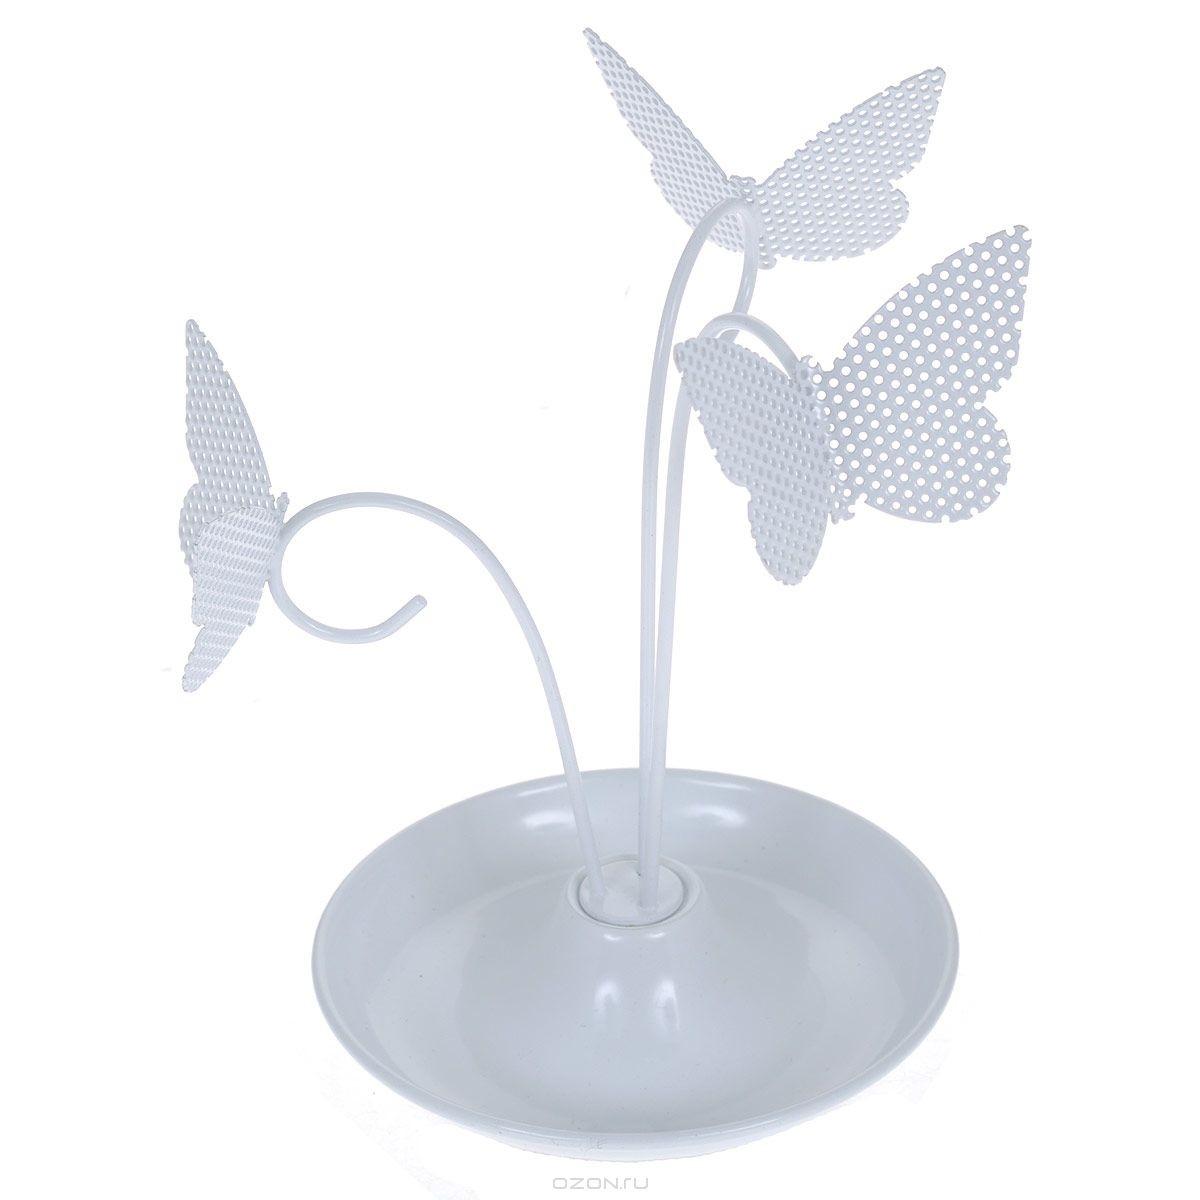 Держатель для украшений Бабочки, цвет: белый